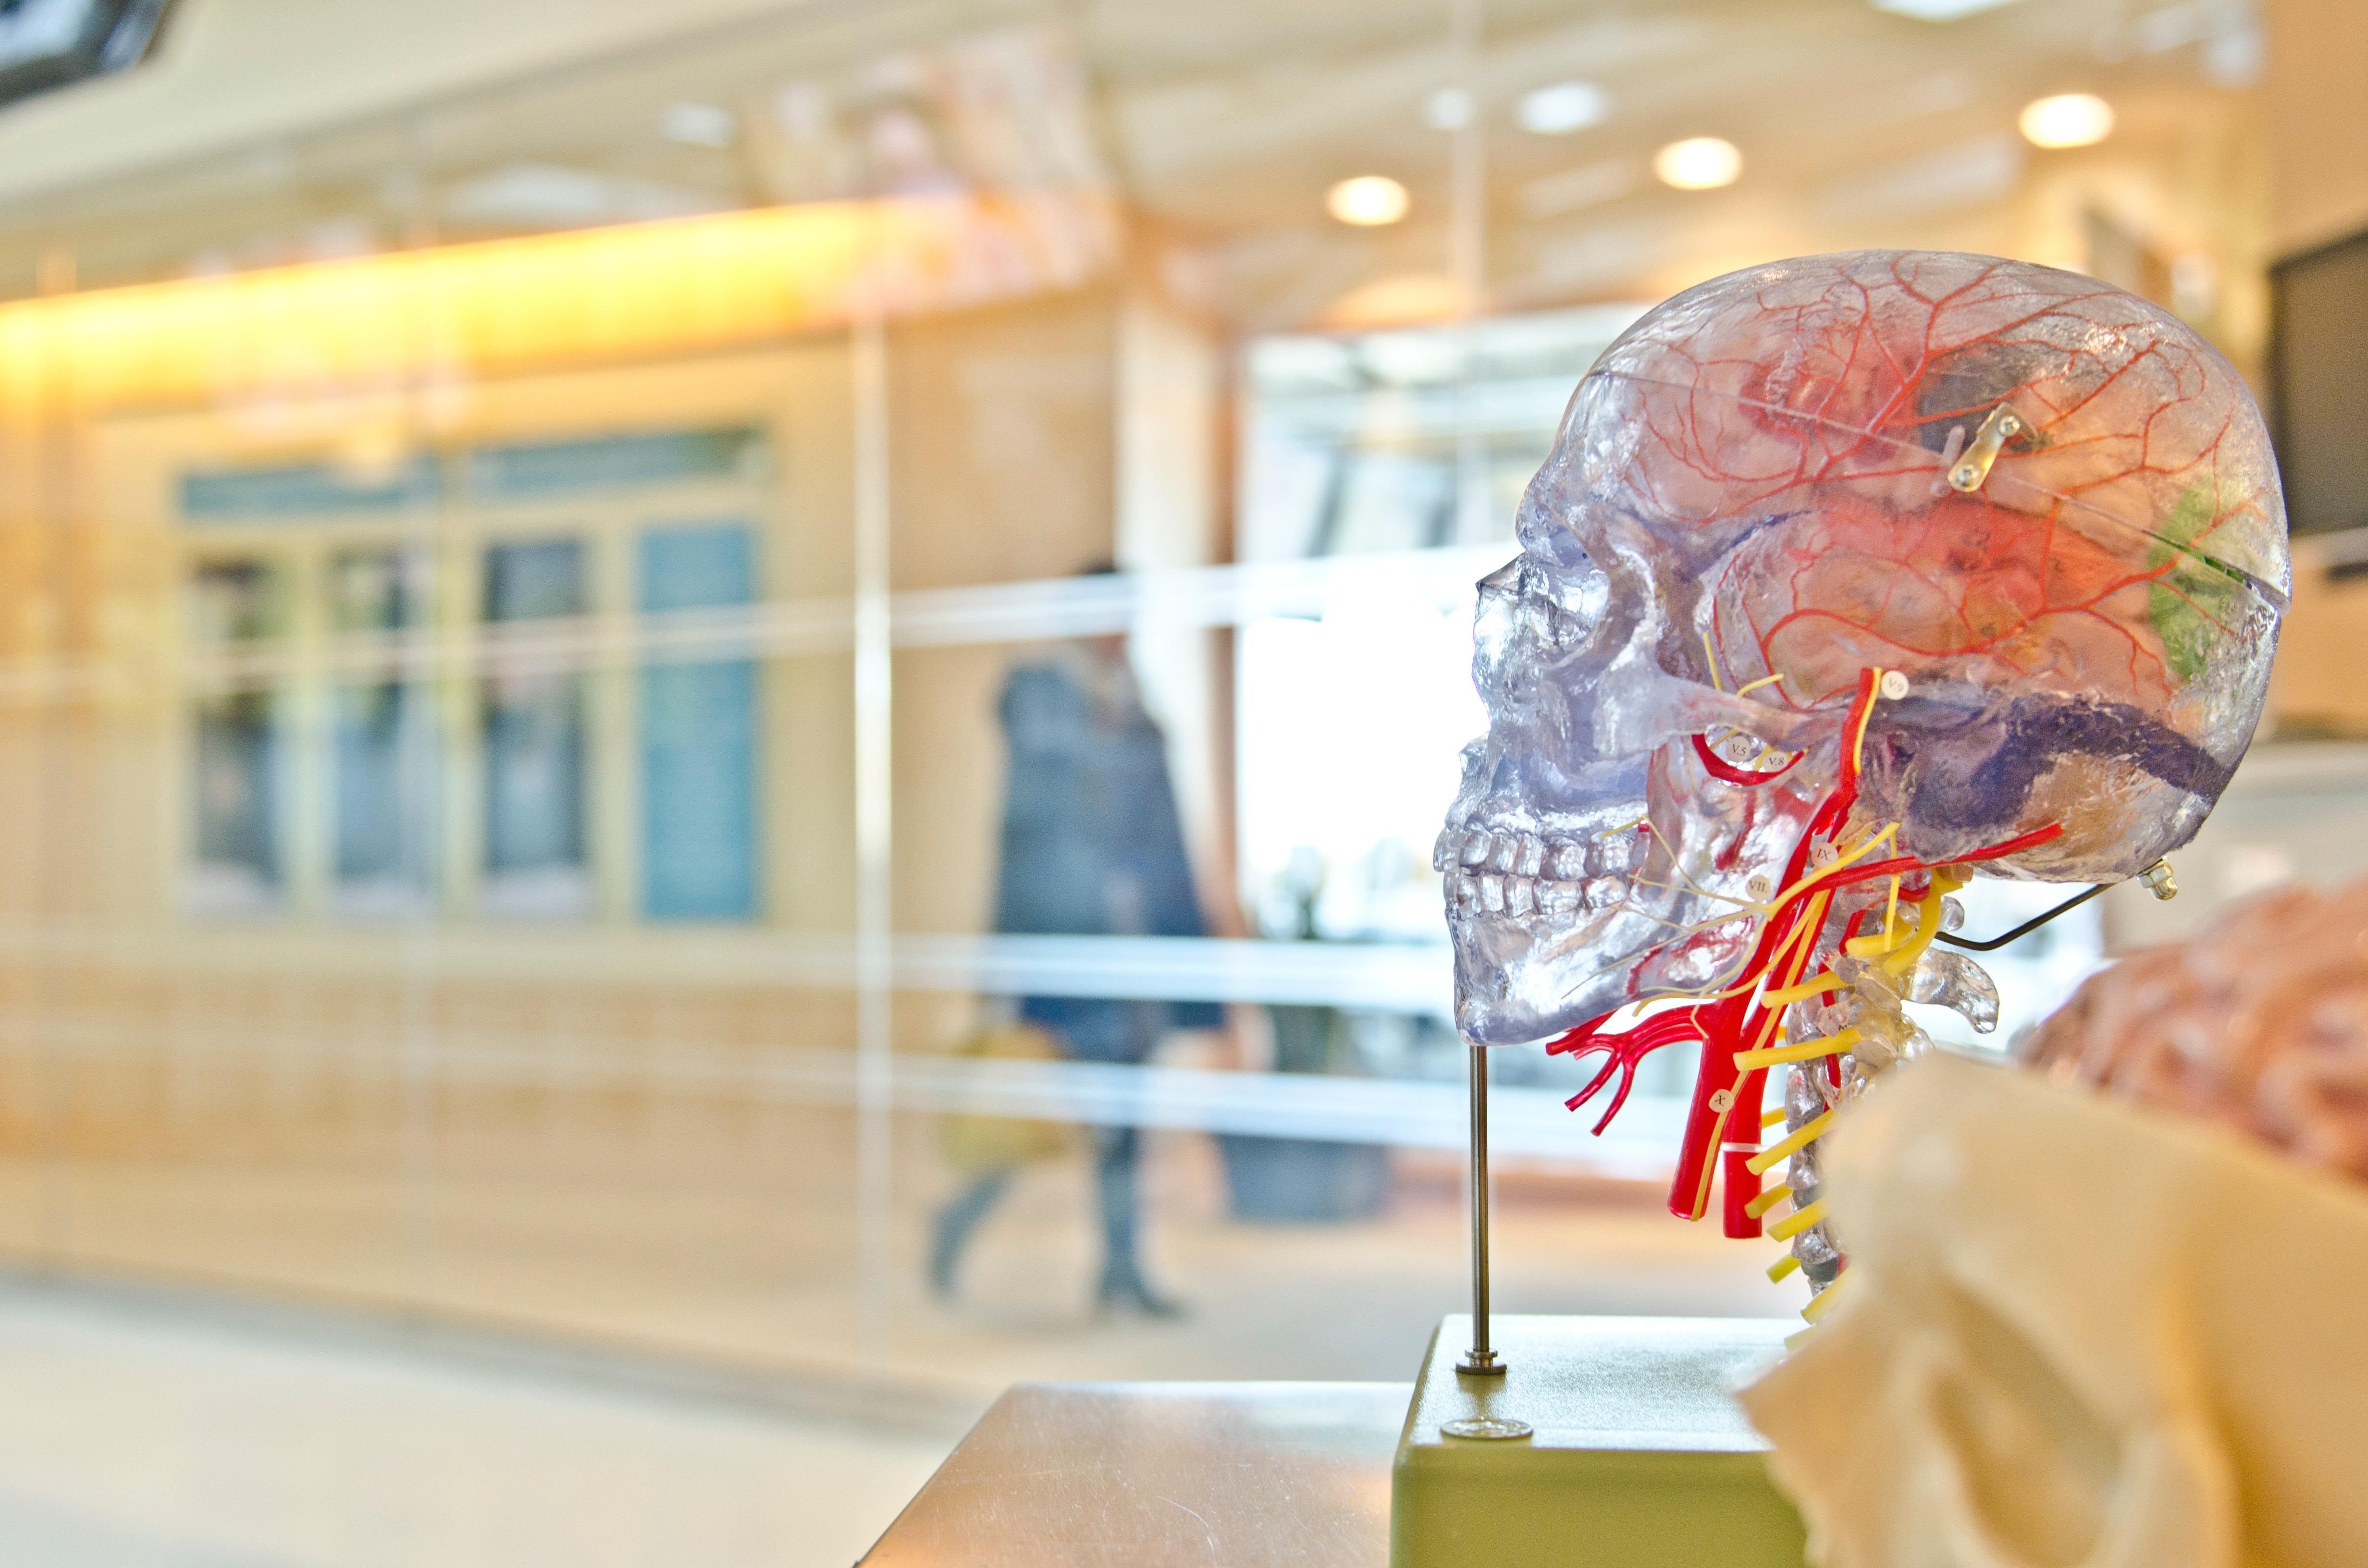 So killt Cortisol deine Neuronen im Gehirn!